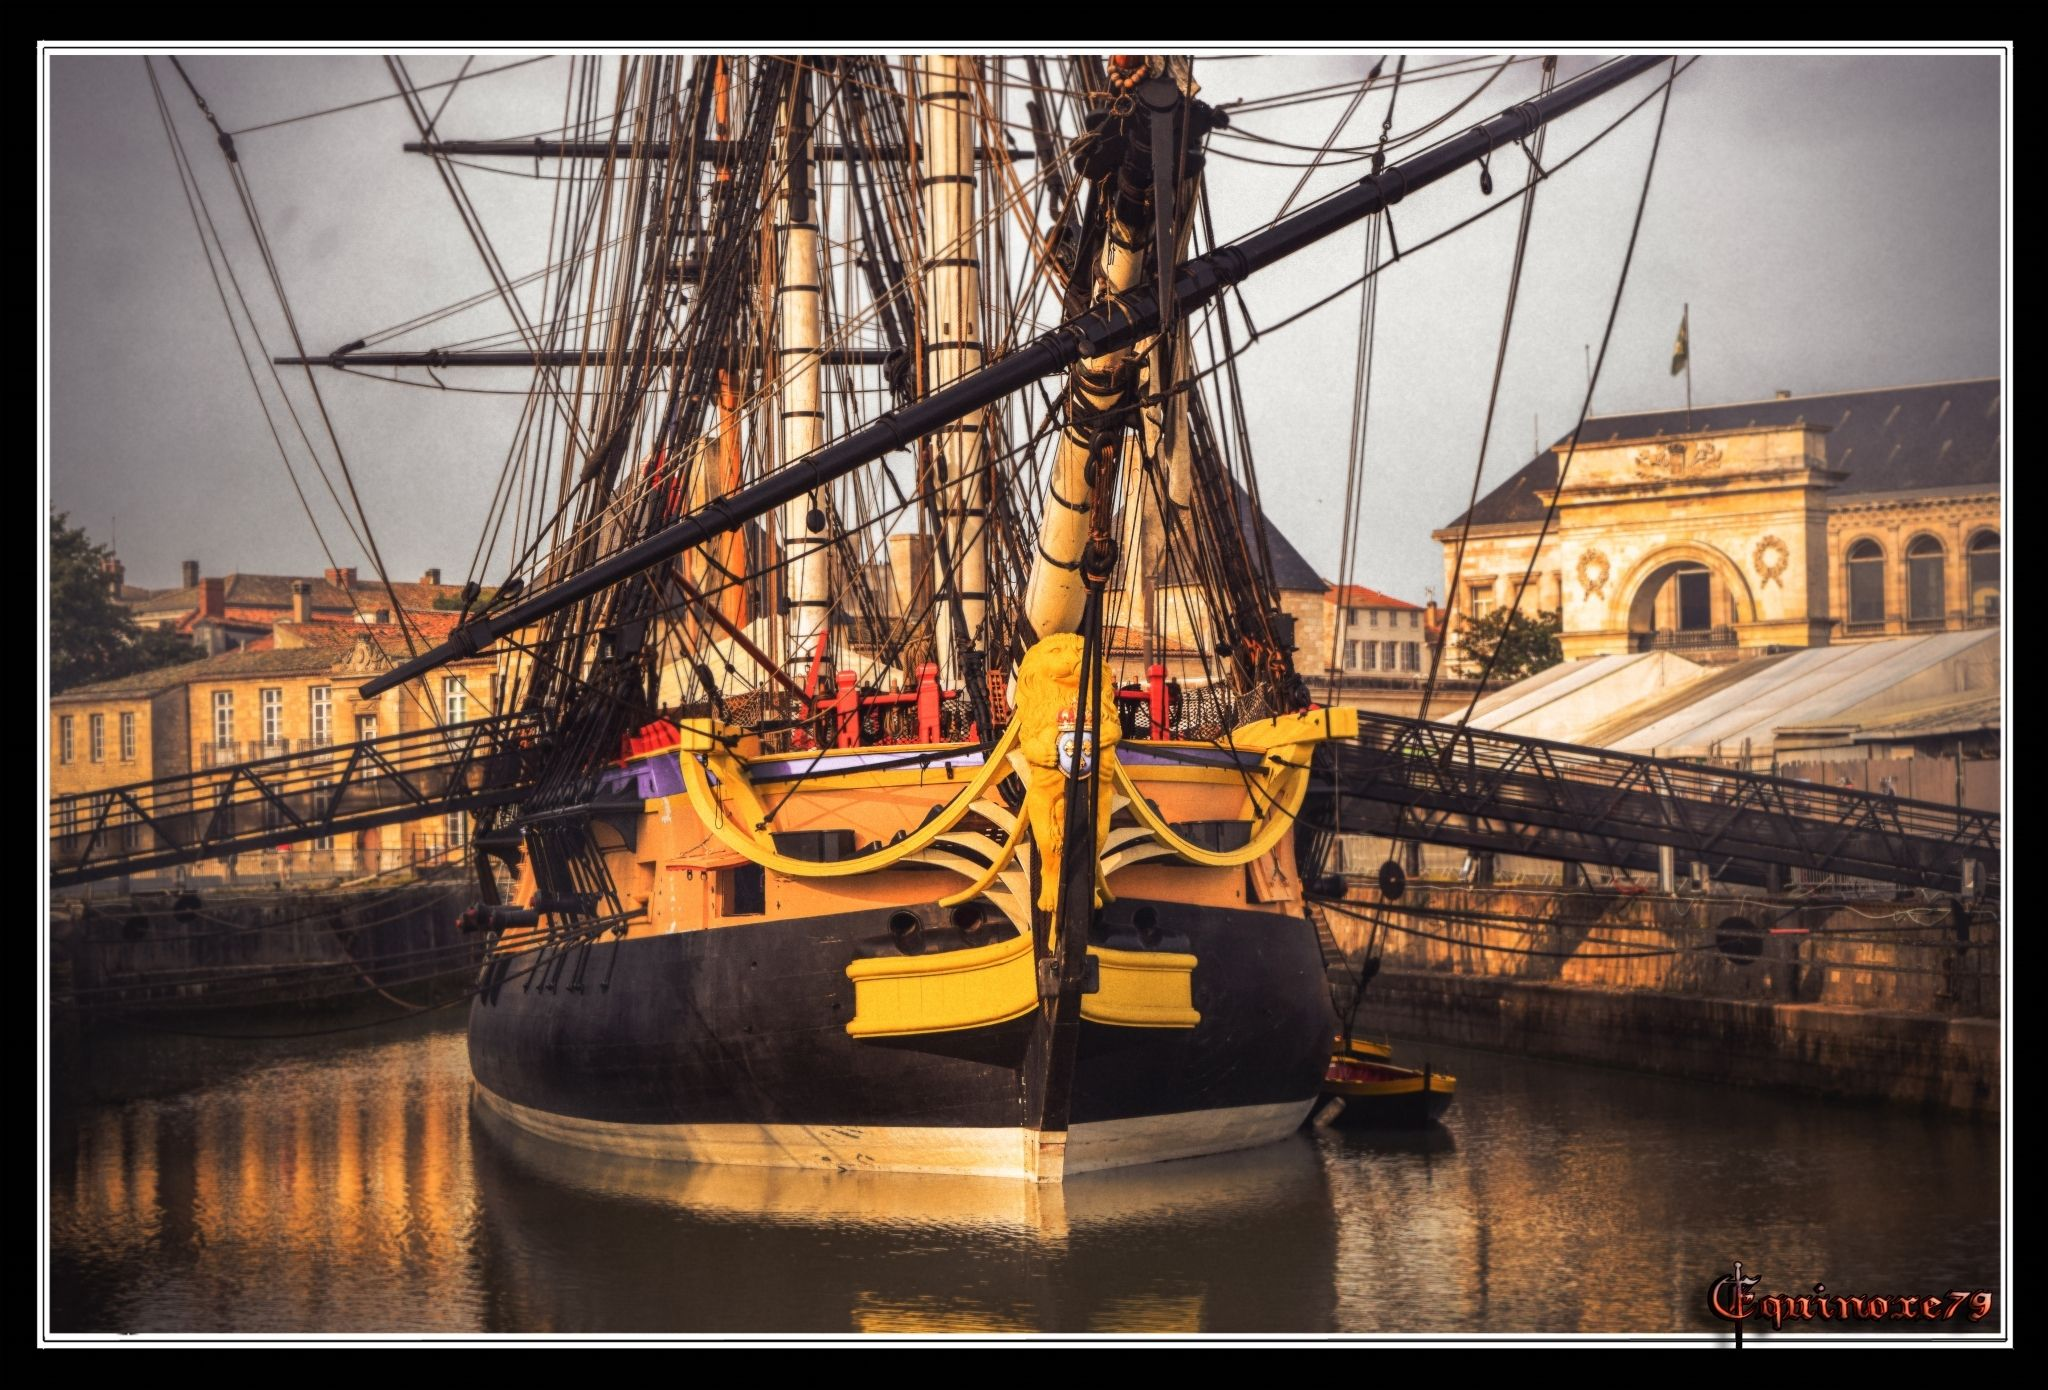 Histoire de la marine fran aise avec la fr gate hermione 1779 phystorique les portes du - Harry potter 8 et les portes du temps ...